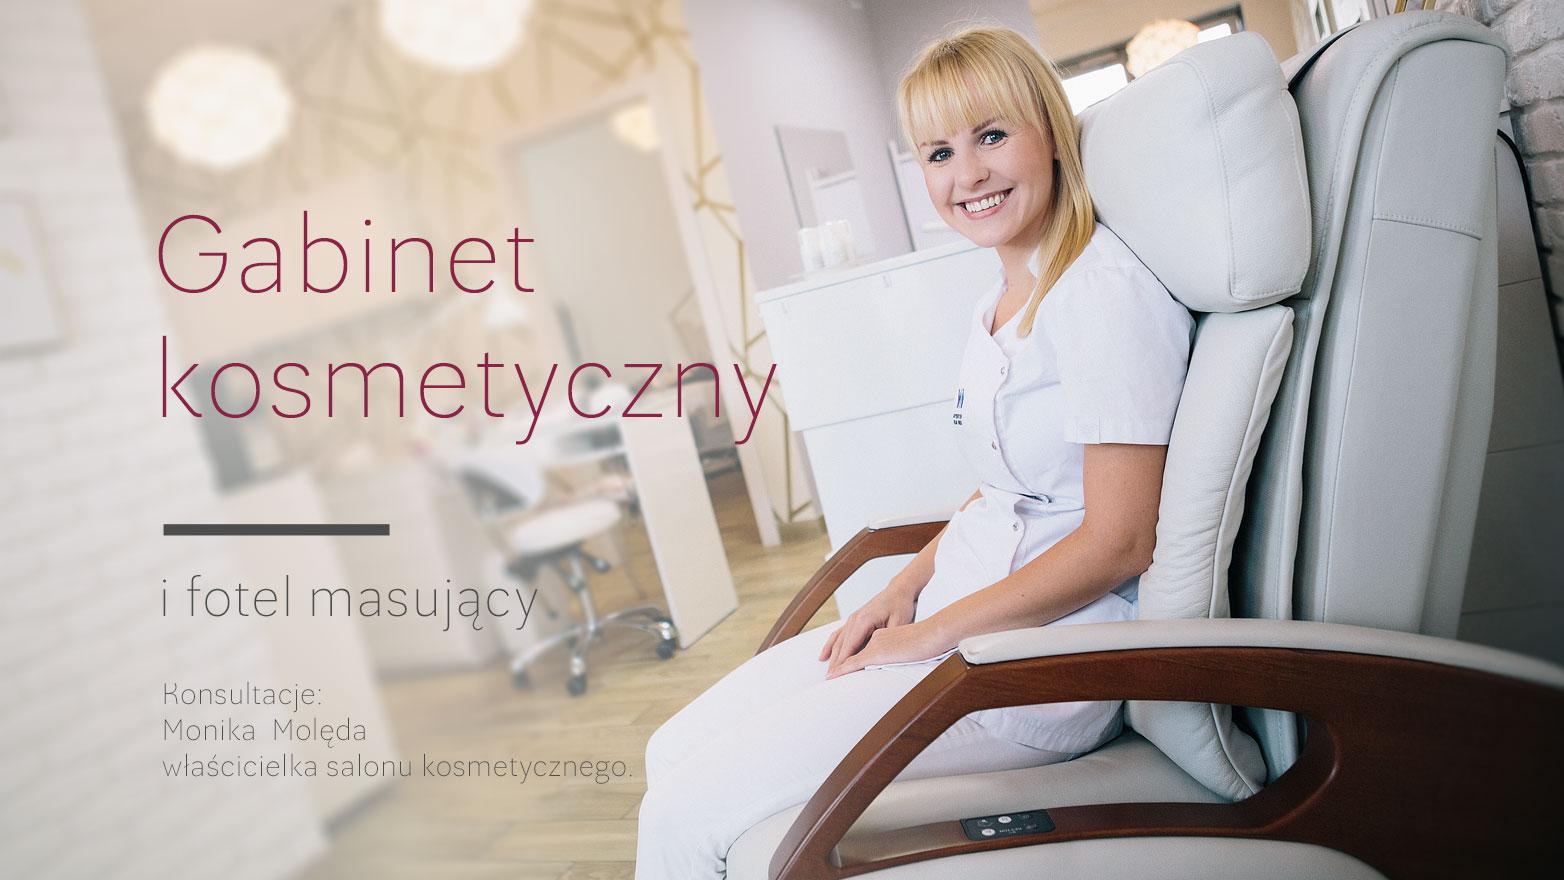 Fotel masujący w gabinecie kosmetycznym